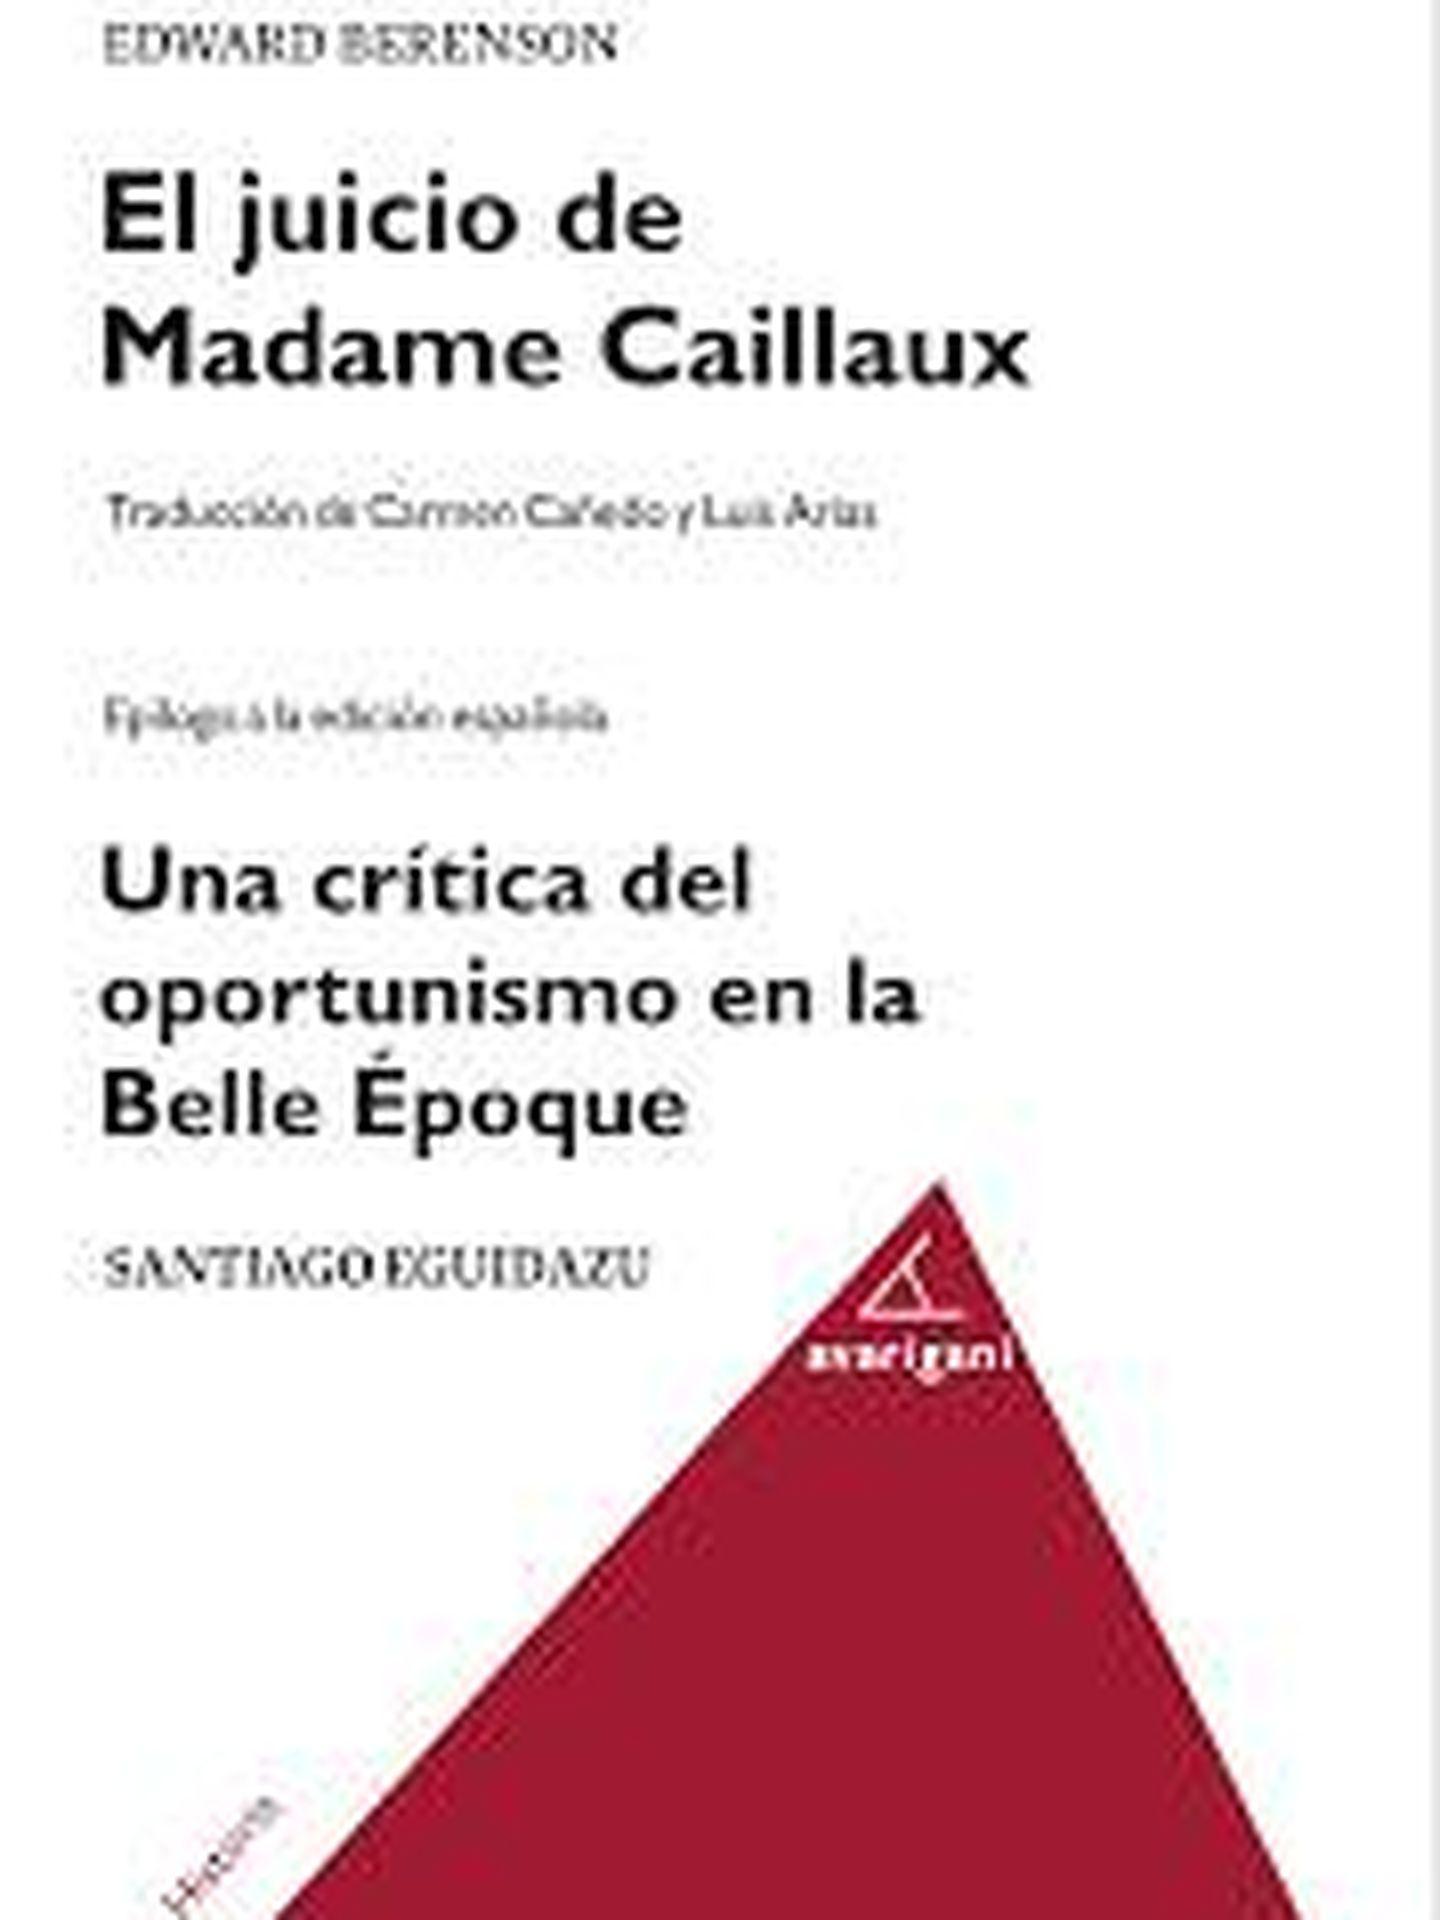 'El juicio de Madame Caillaux'